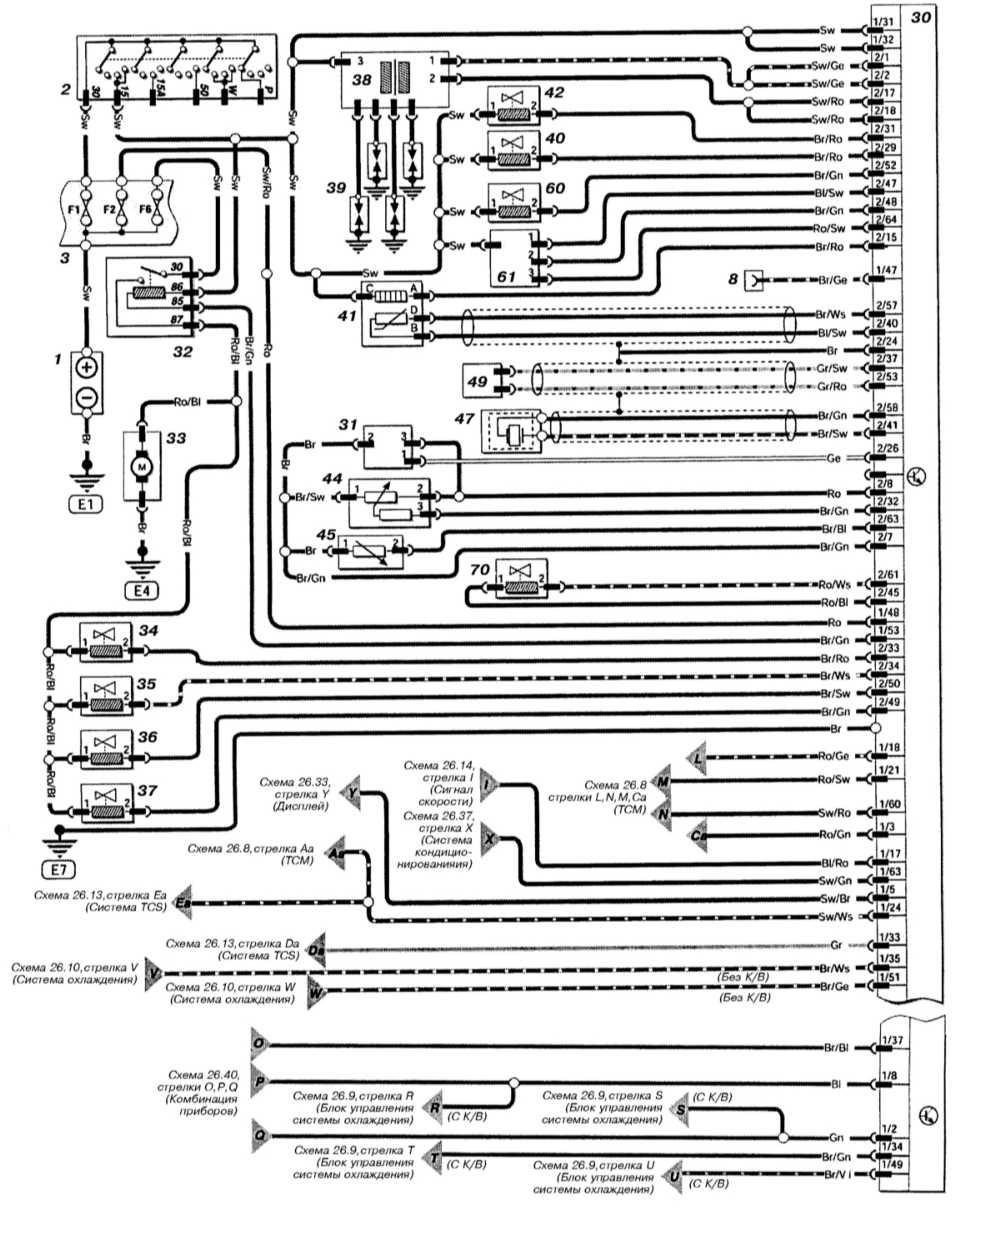 Рис. 1. Cхема электрическая принципиальная СИСТЕМЫ УПРАВЛЕНИЯ ДВИГАТЕЛЕМ Х20ХЕV.